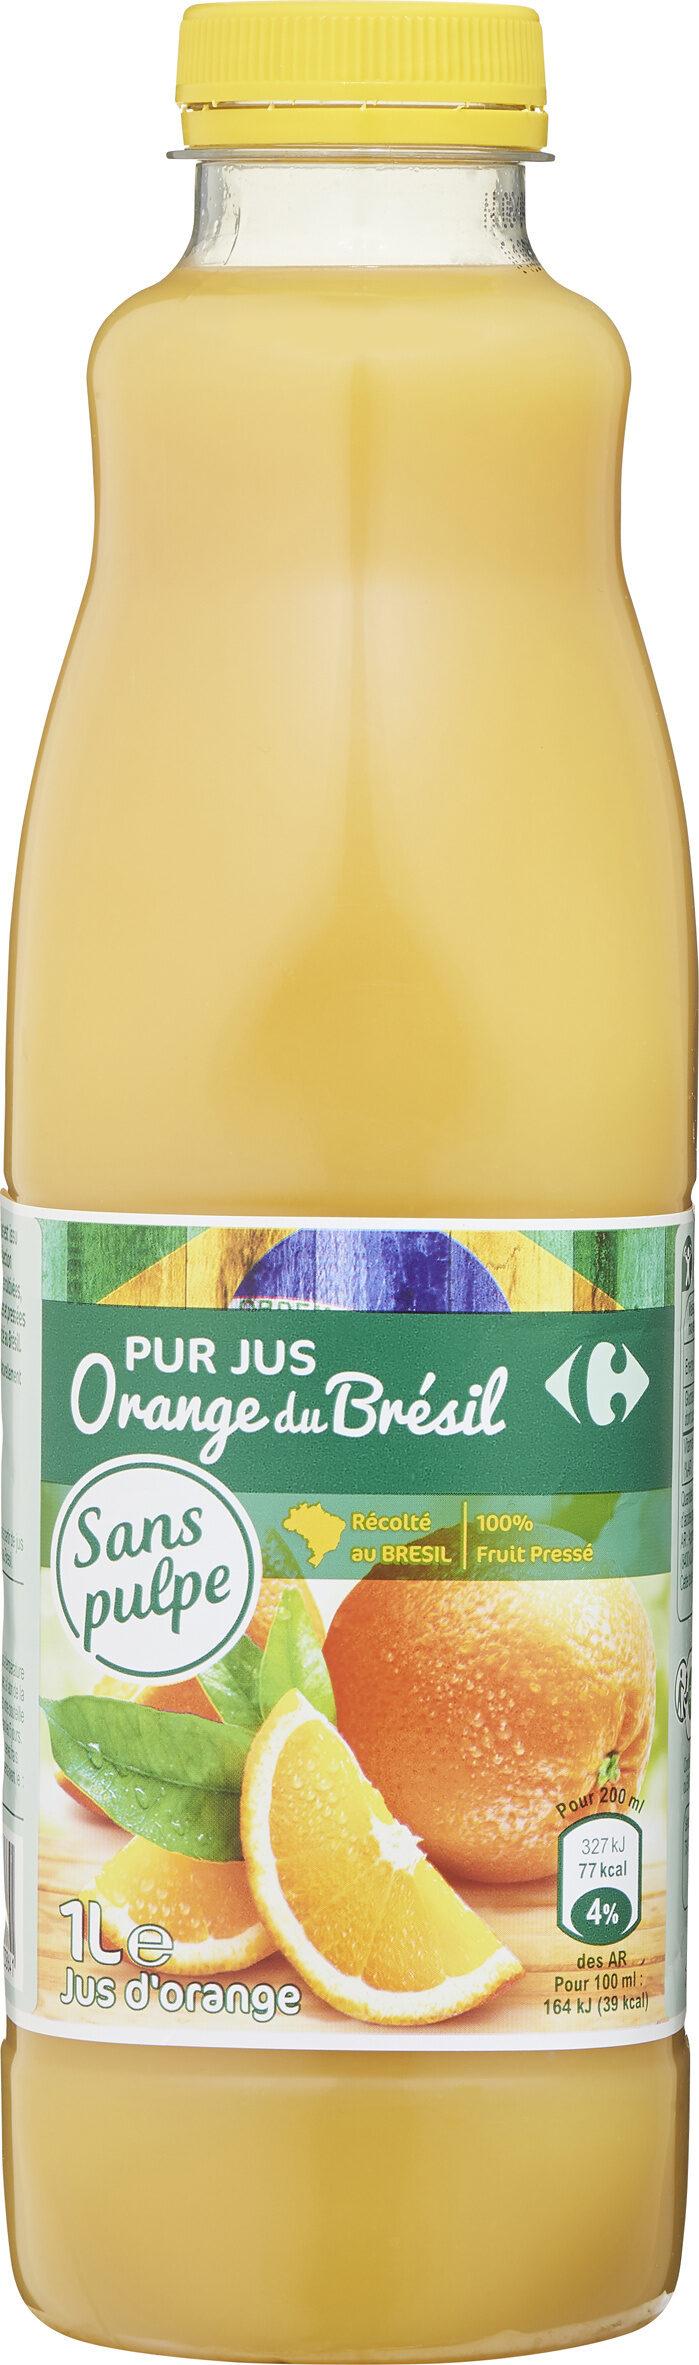 PUR JUS Orange du Brésil - Product - fr